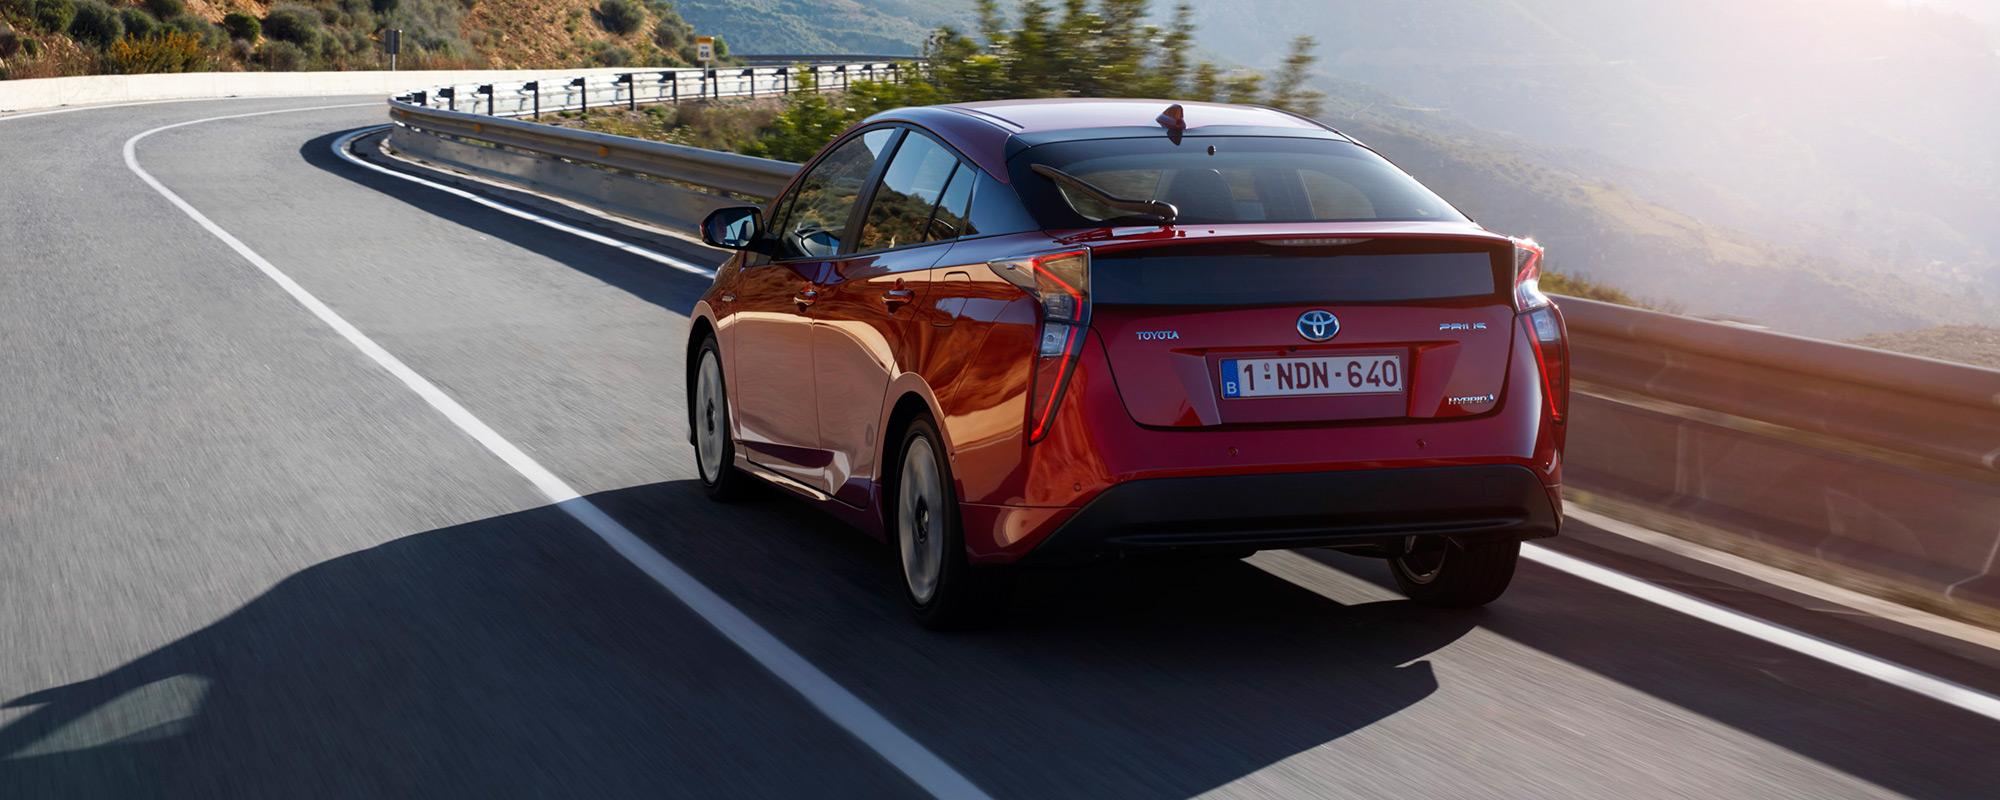 Nieuwe Toyota Prius kent met 100.000 verkopen zeer succesvolle start in Japan